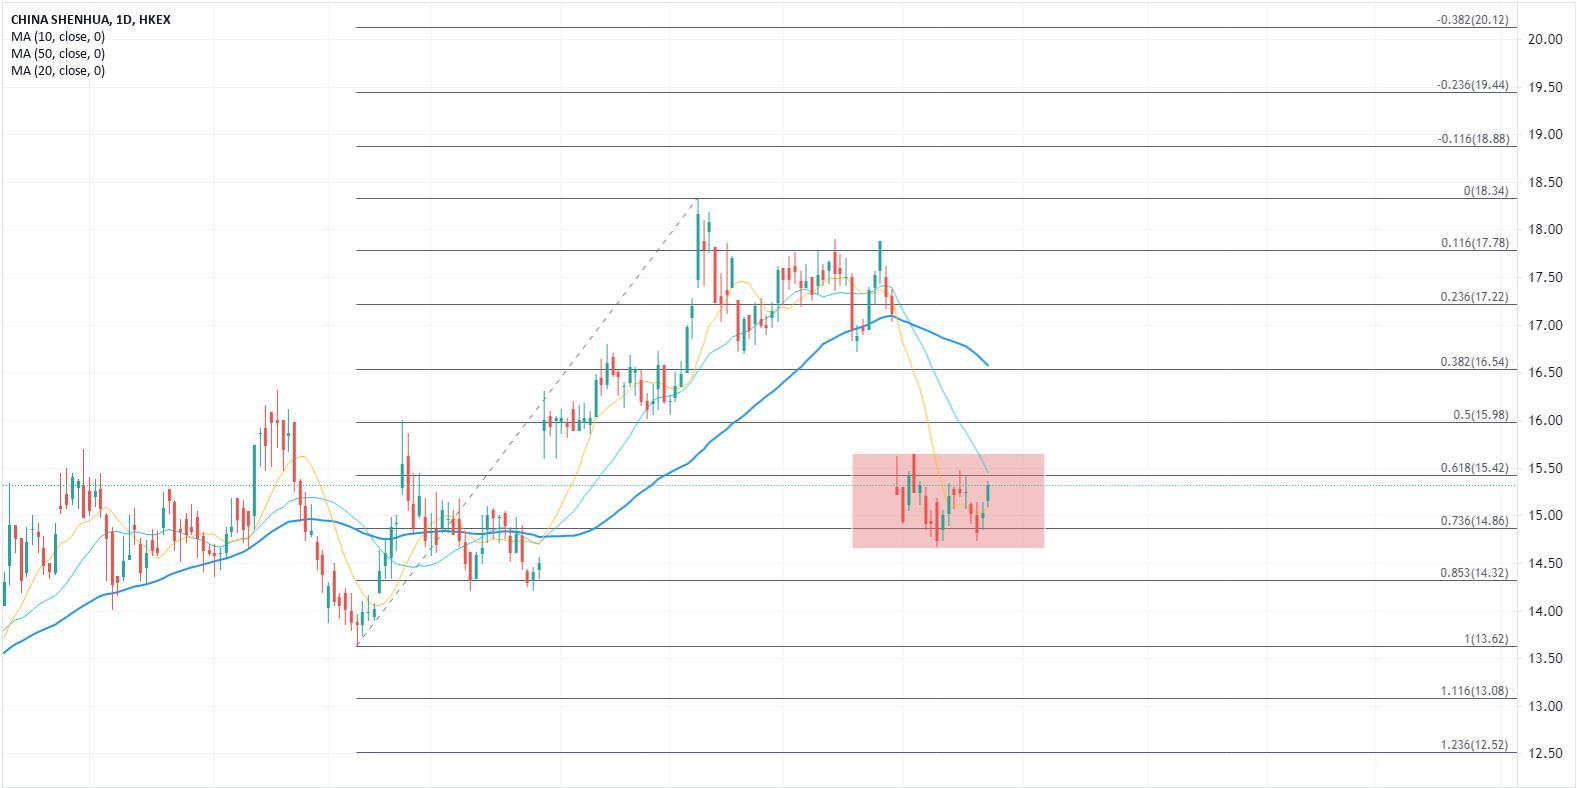 ATFX:煤炭概念股表现活跃,中国神华可进行区间布局